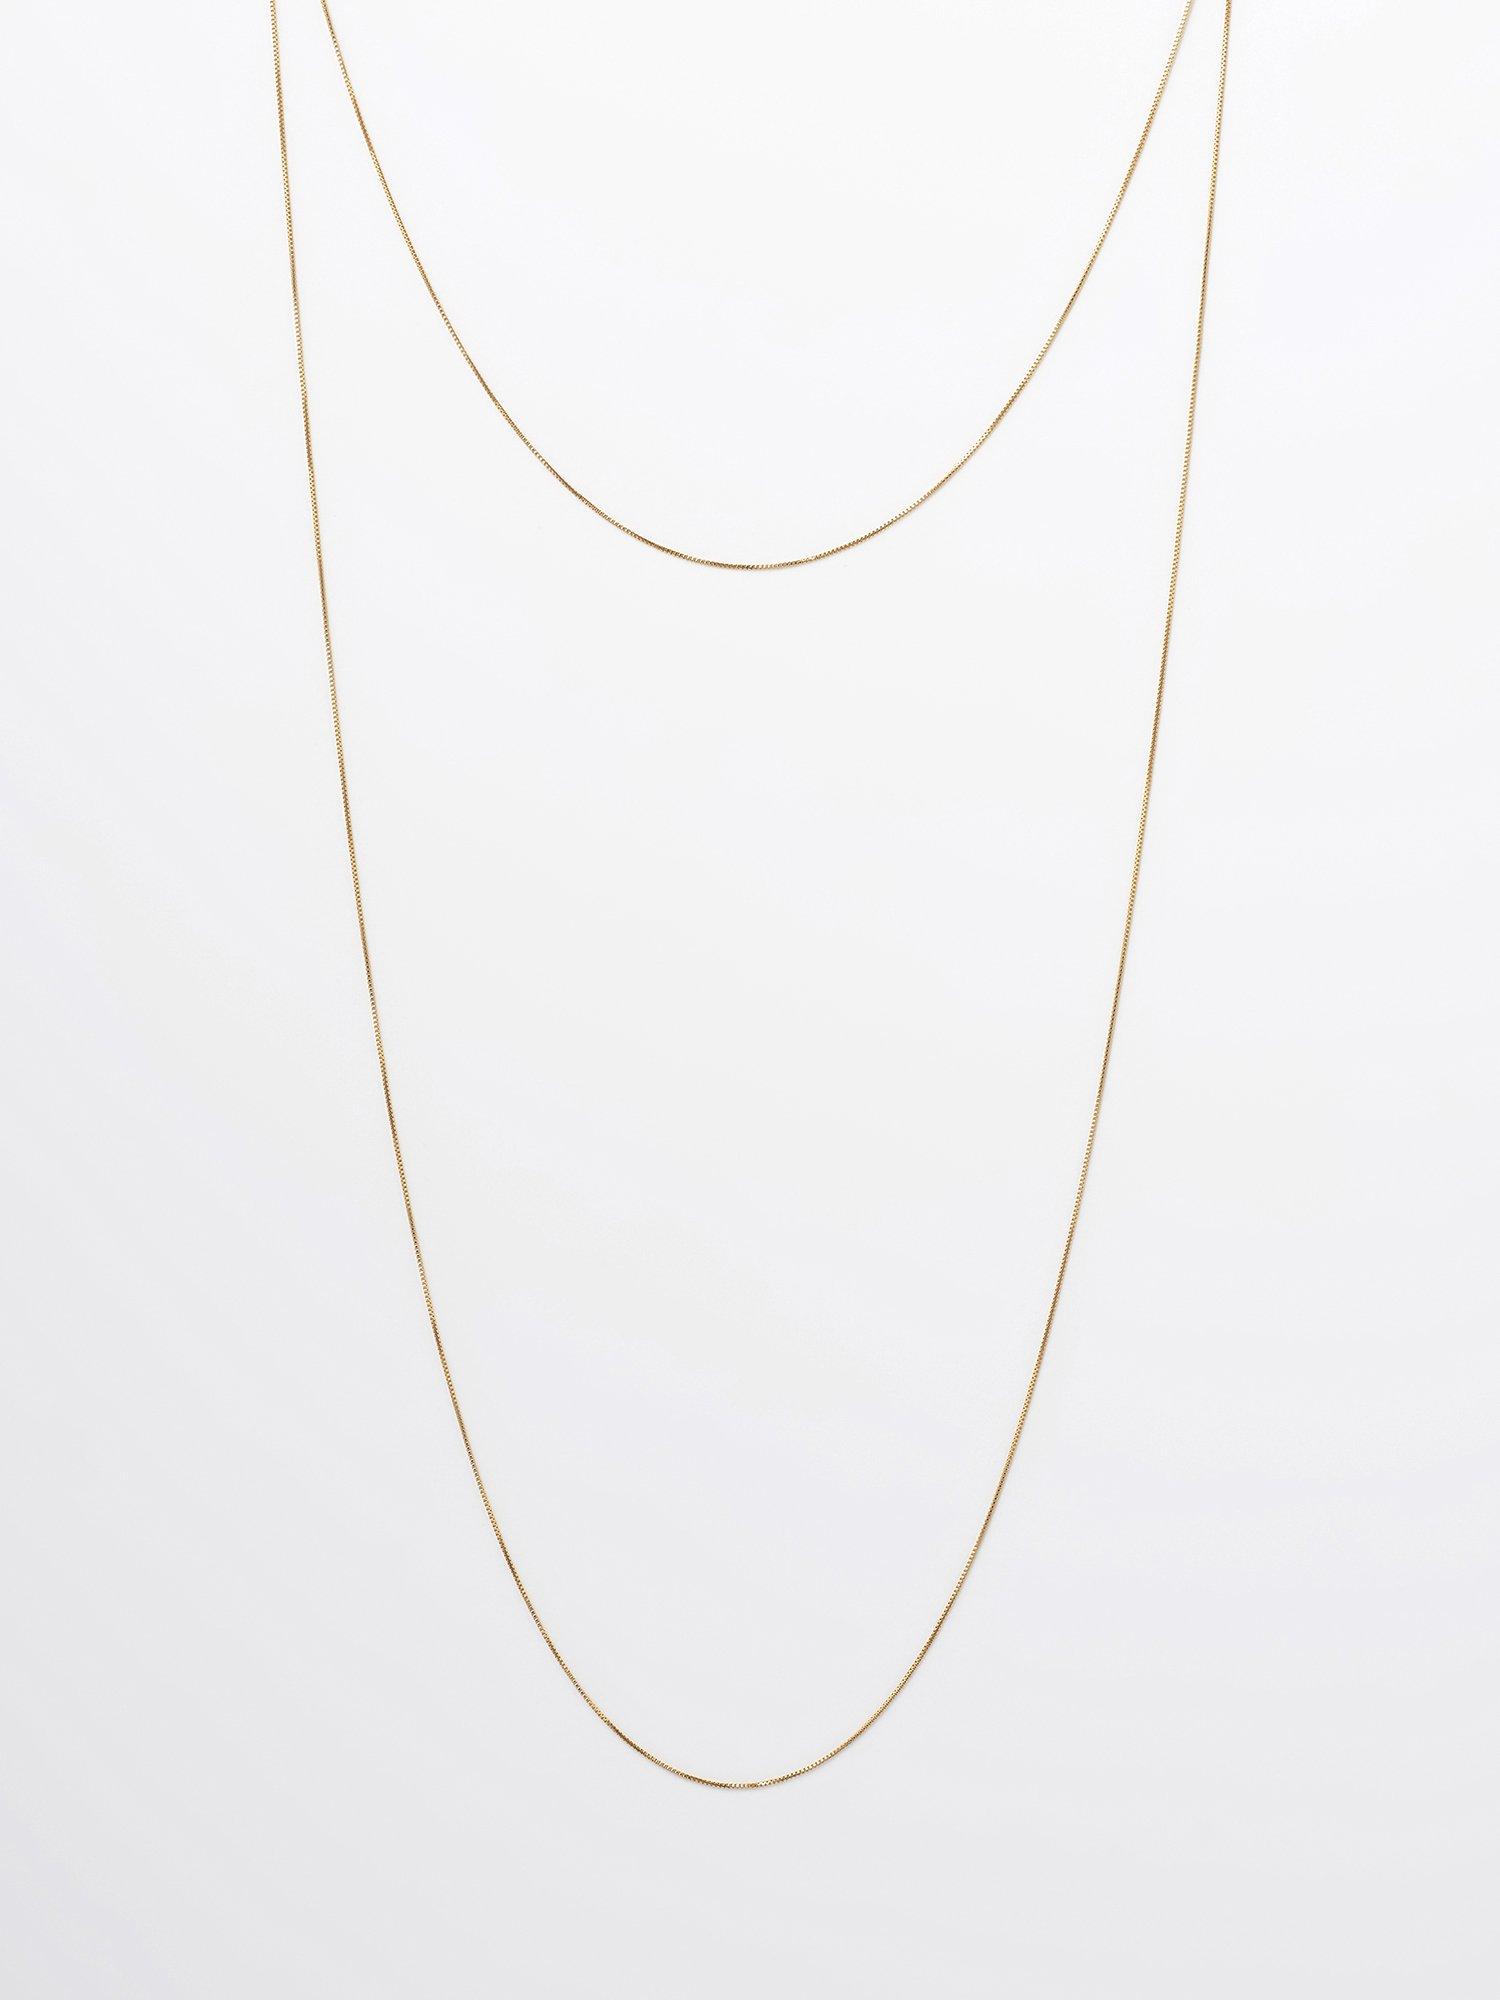 SOPHISTICATED VINTAGE / Gold line necklace / 1200mm